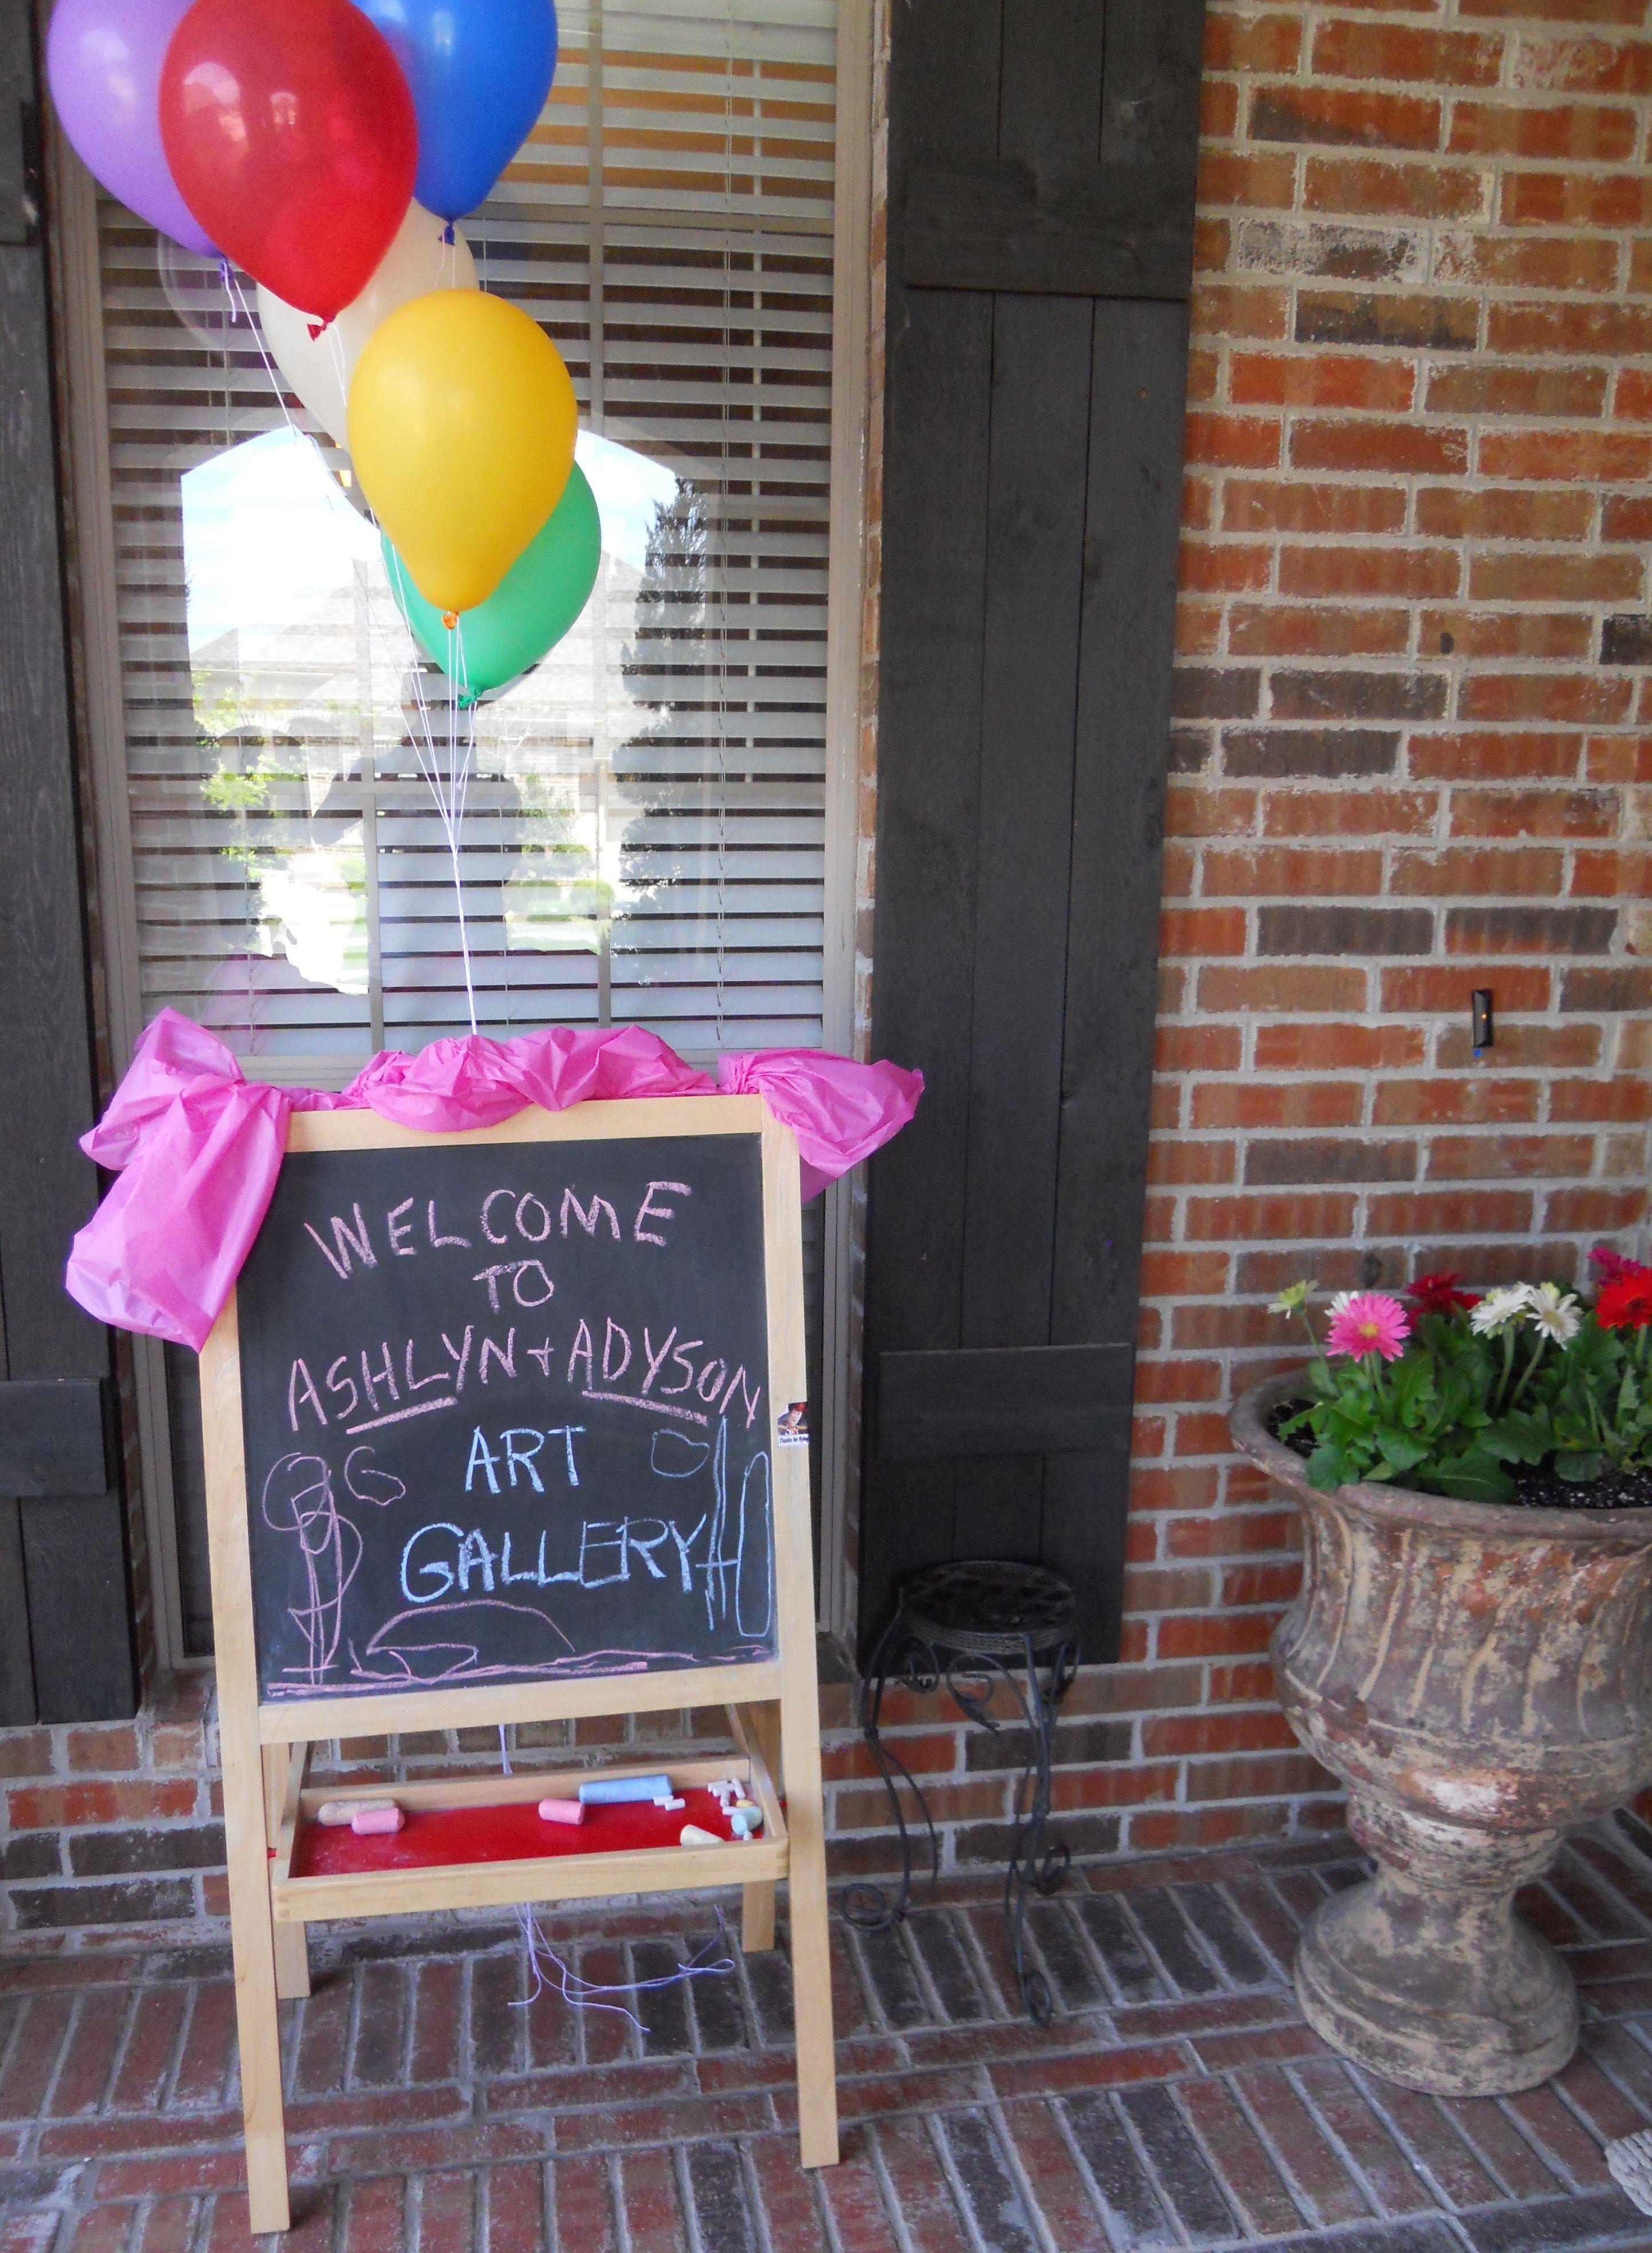 welkomsbord buiten zetten, ballonnen aan de deur